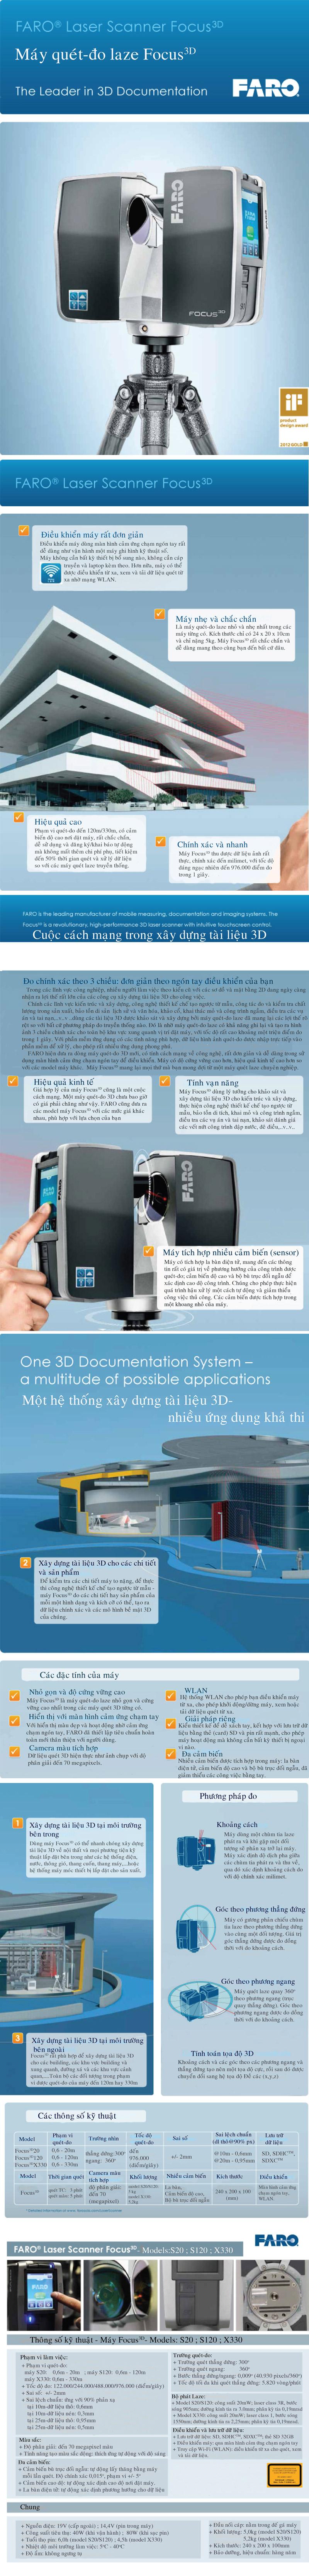 infographic máy quét laser